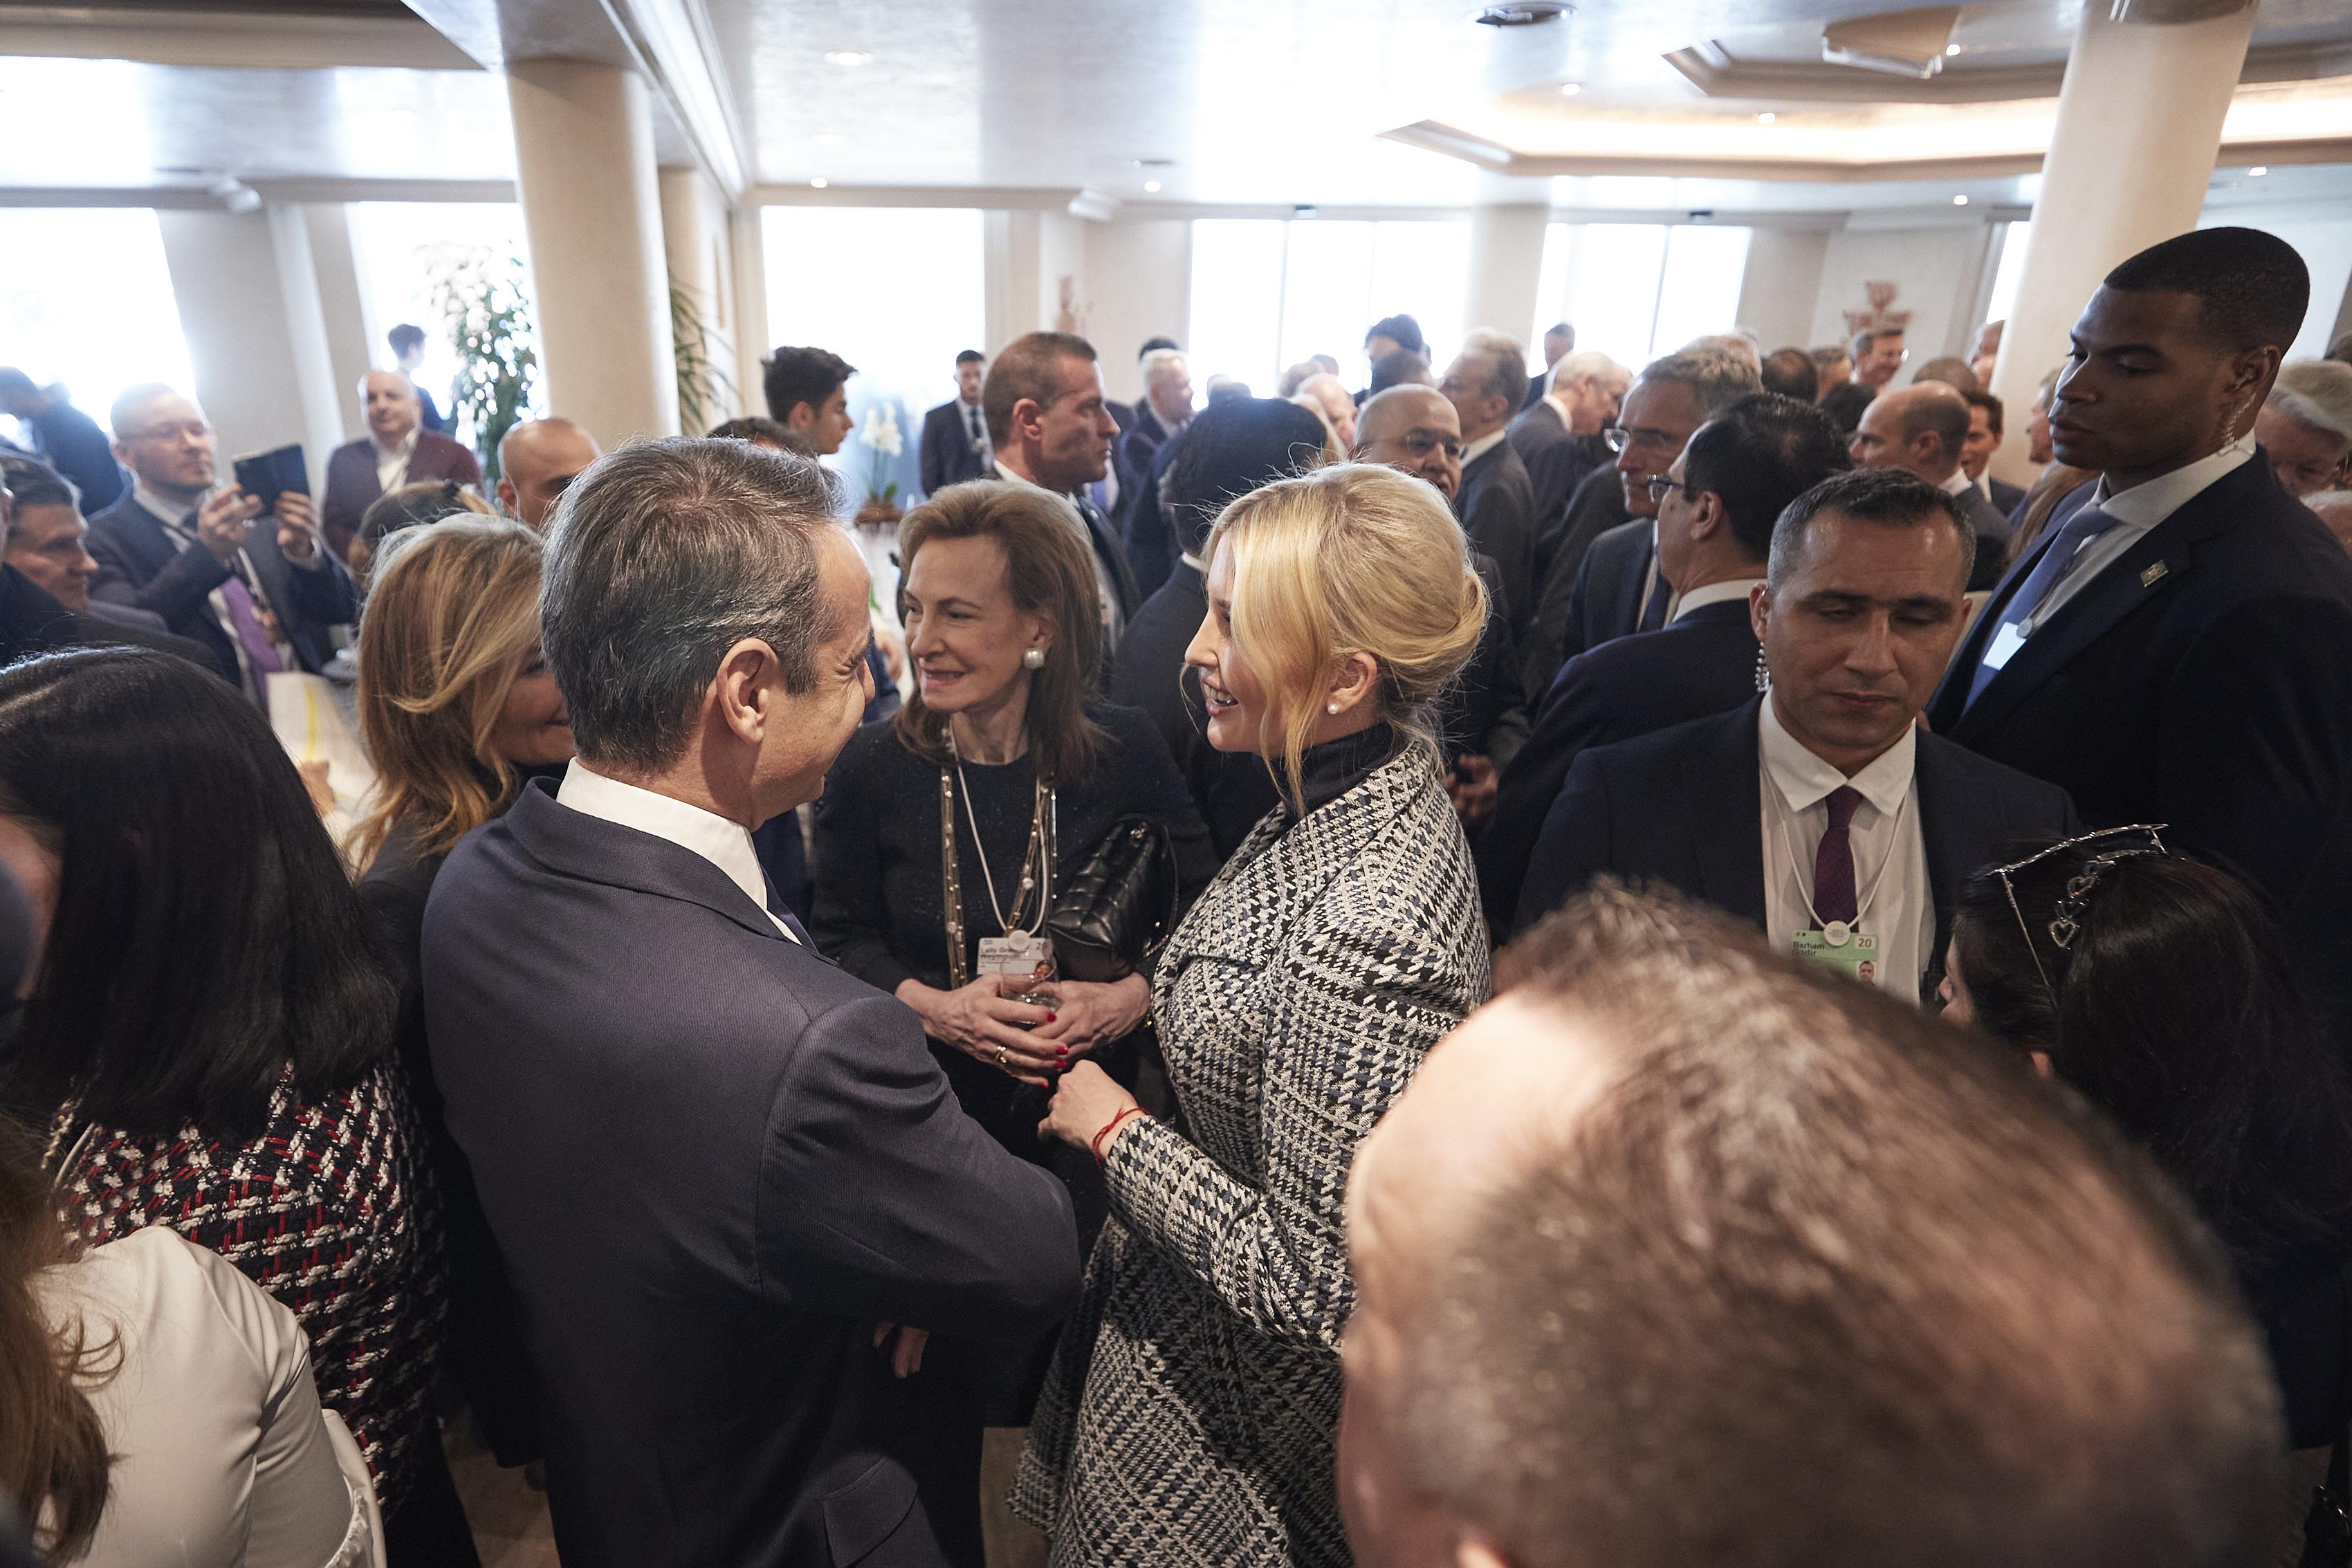 Κυριάκος Μητσοτάκης: «Πηγαδάκι» με την Ιβάνκα Τραμπ στο Νταβός [pics]